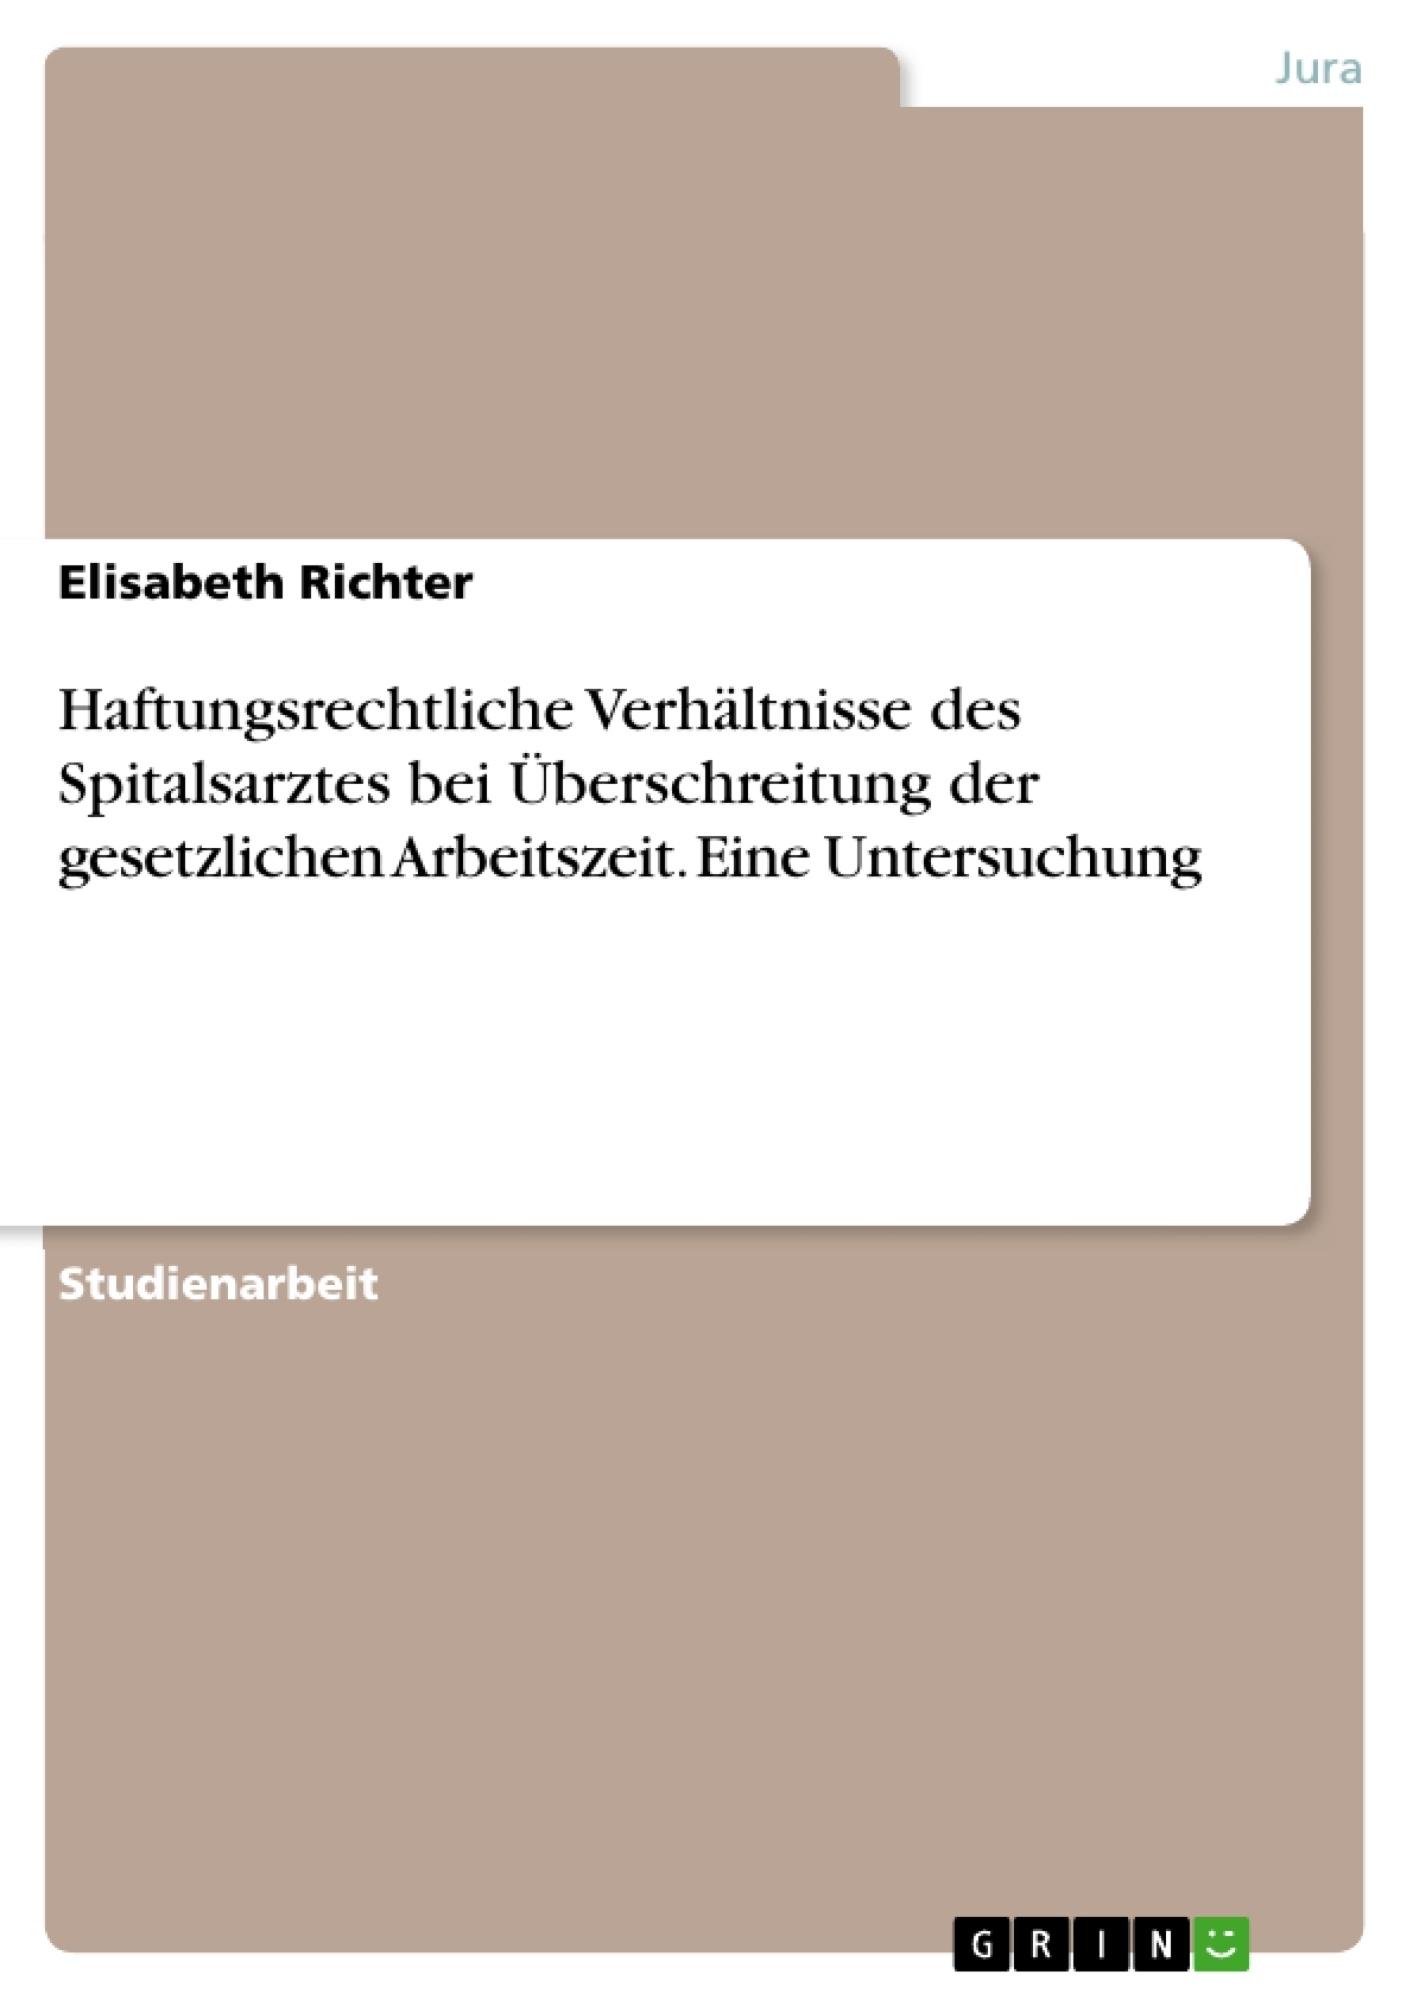 Titel: Haftungsrechtliche Verhältnisse des Spitalsarztes bei Überschreitung der gesetzlichen Arbeitszeit. Eine Untersuchung